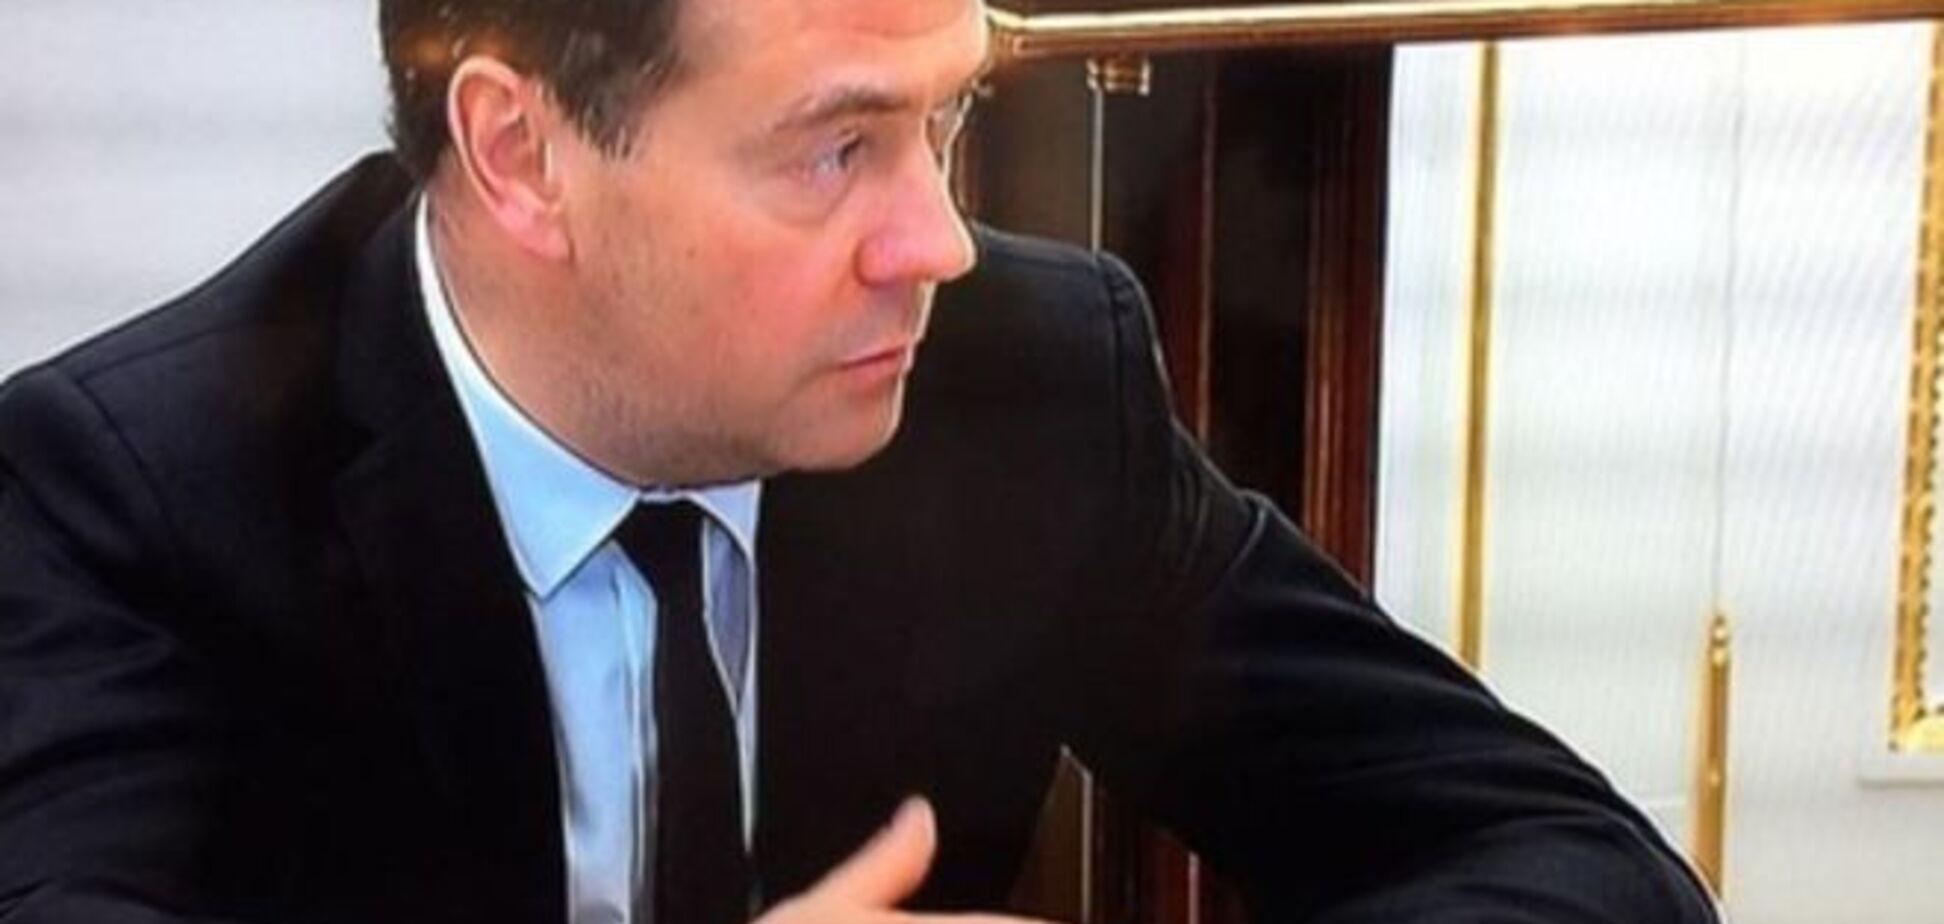 А как же санкции? Медведев пришел к Путину в часах Apple Watch: фотофакт